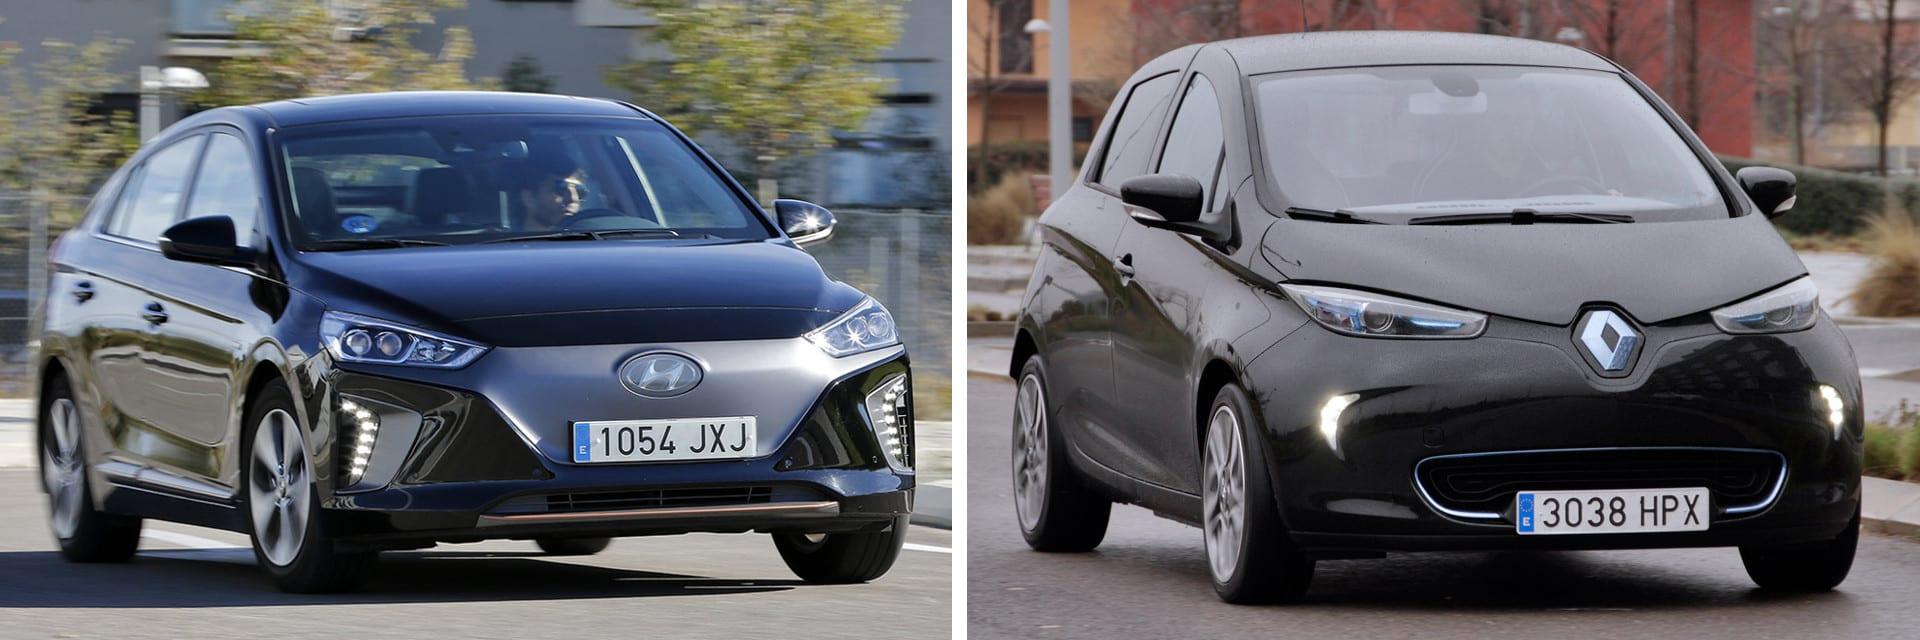 Según nuestras mediciones, en ciudad y por encima de los 10 ºC, el IONIQ (izq.) puede recorrer hasta 200 km; la autonomía del Renault ZOE (dcha.) llegaría hasta los 250 km en esas mismas condiciones.